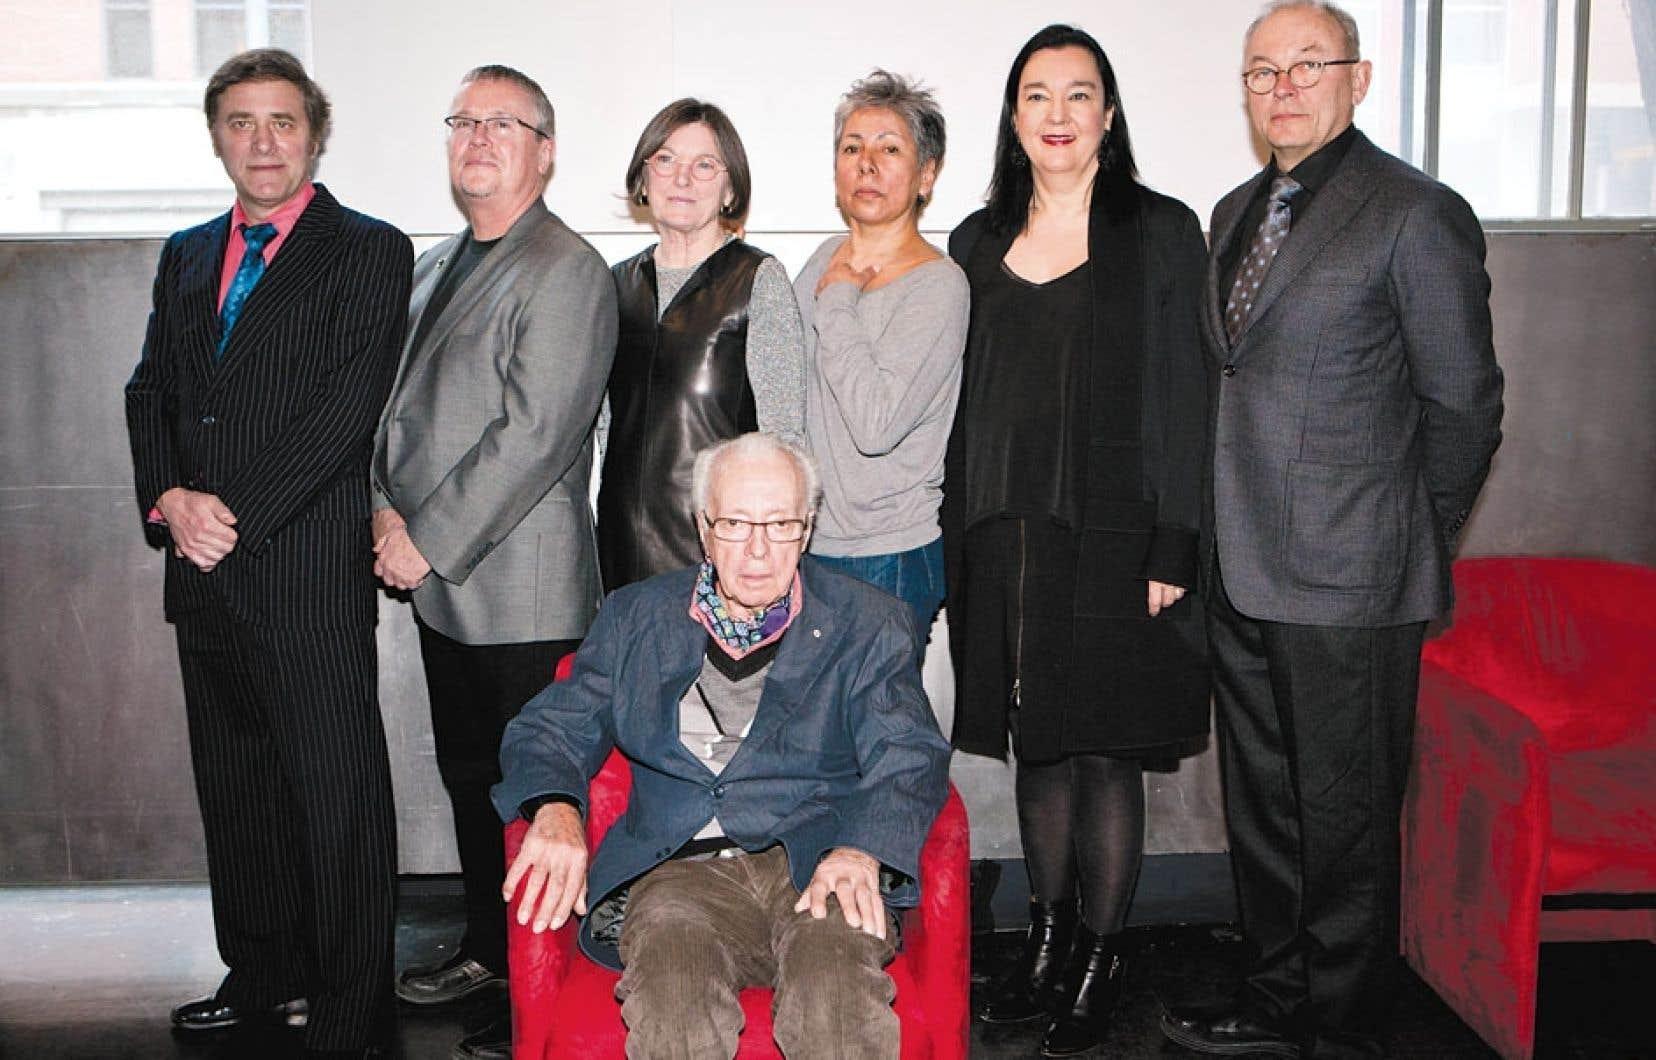 <div> Les lauréats, de gauche à droite : Gordon Monahan, Greg Payce, Colette Whiten, Rebecca Belmore, Chantal Pontbriand, William D. MacGillivray et Marcel Barbeau</div>